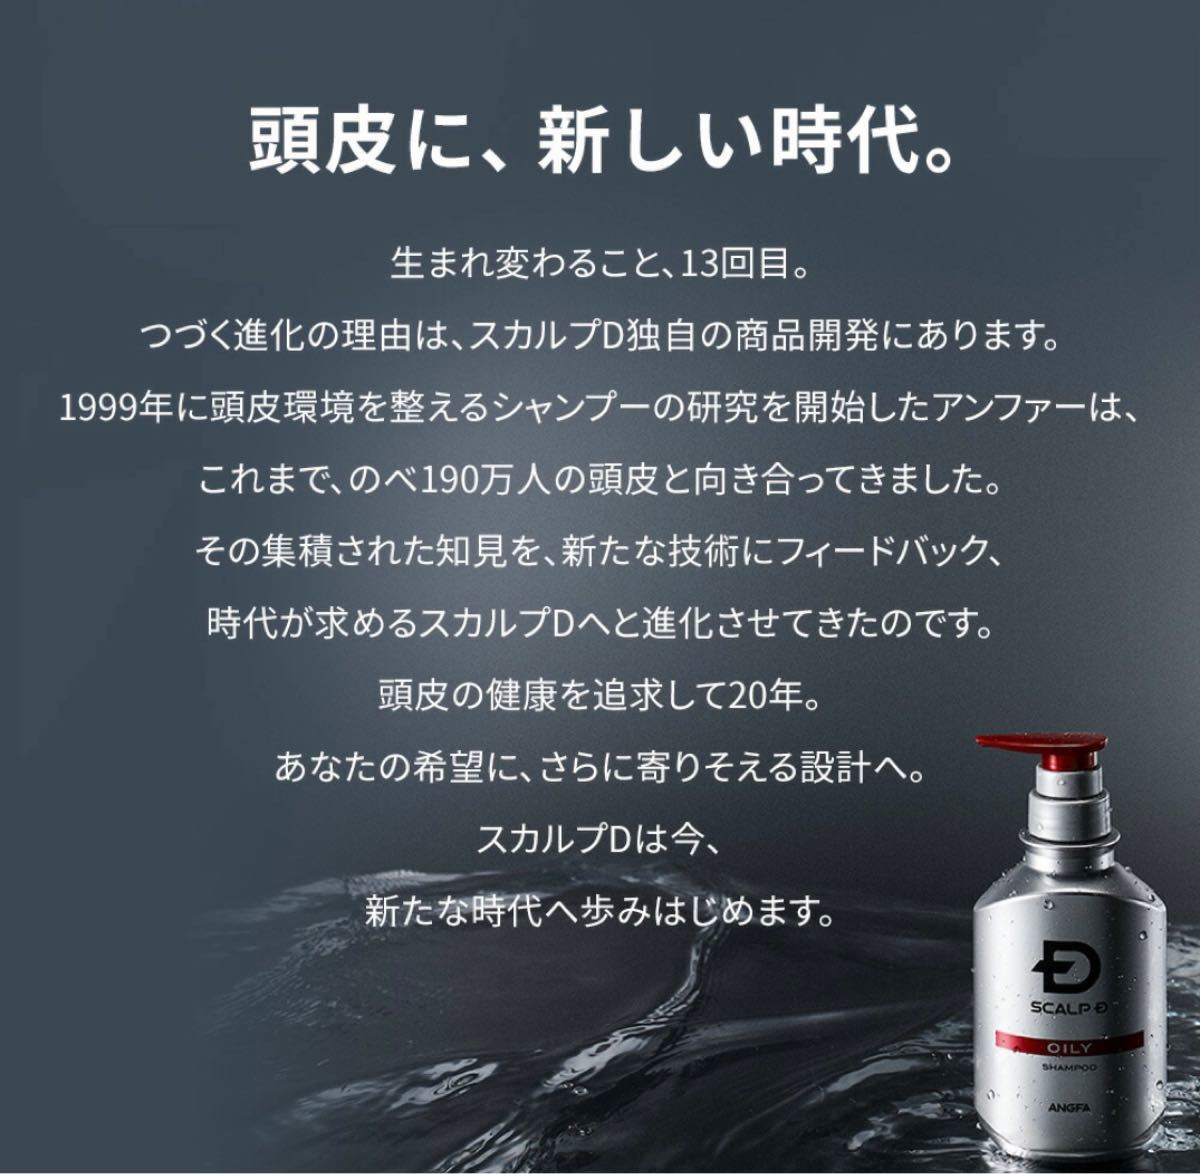 アンファースカルプD スカルプシャンプー 薬用 スカルプDシャンプー 発毛促進3点セット バラ売りも可